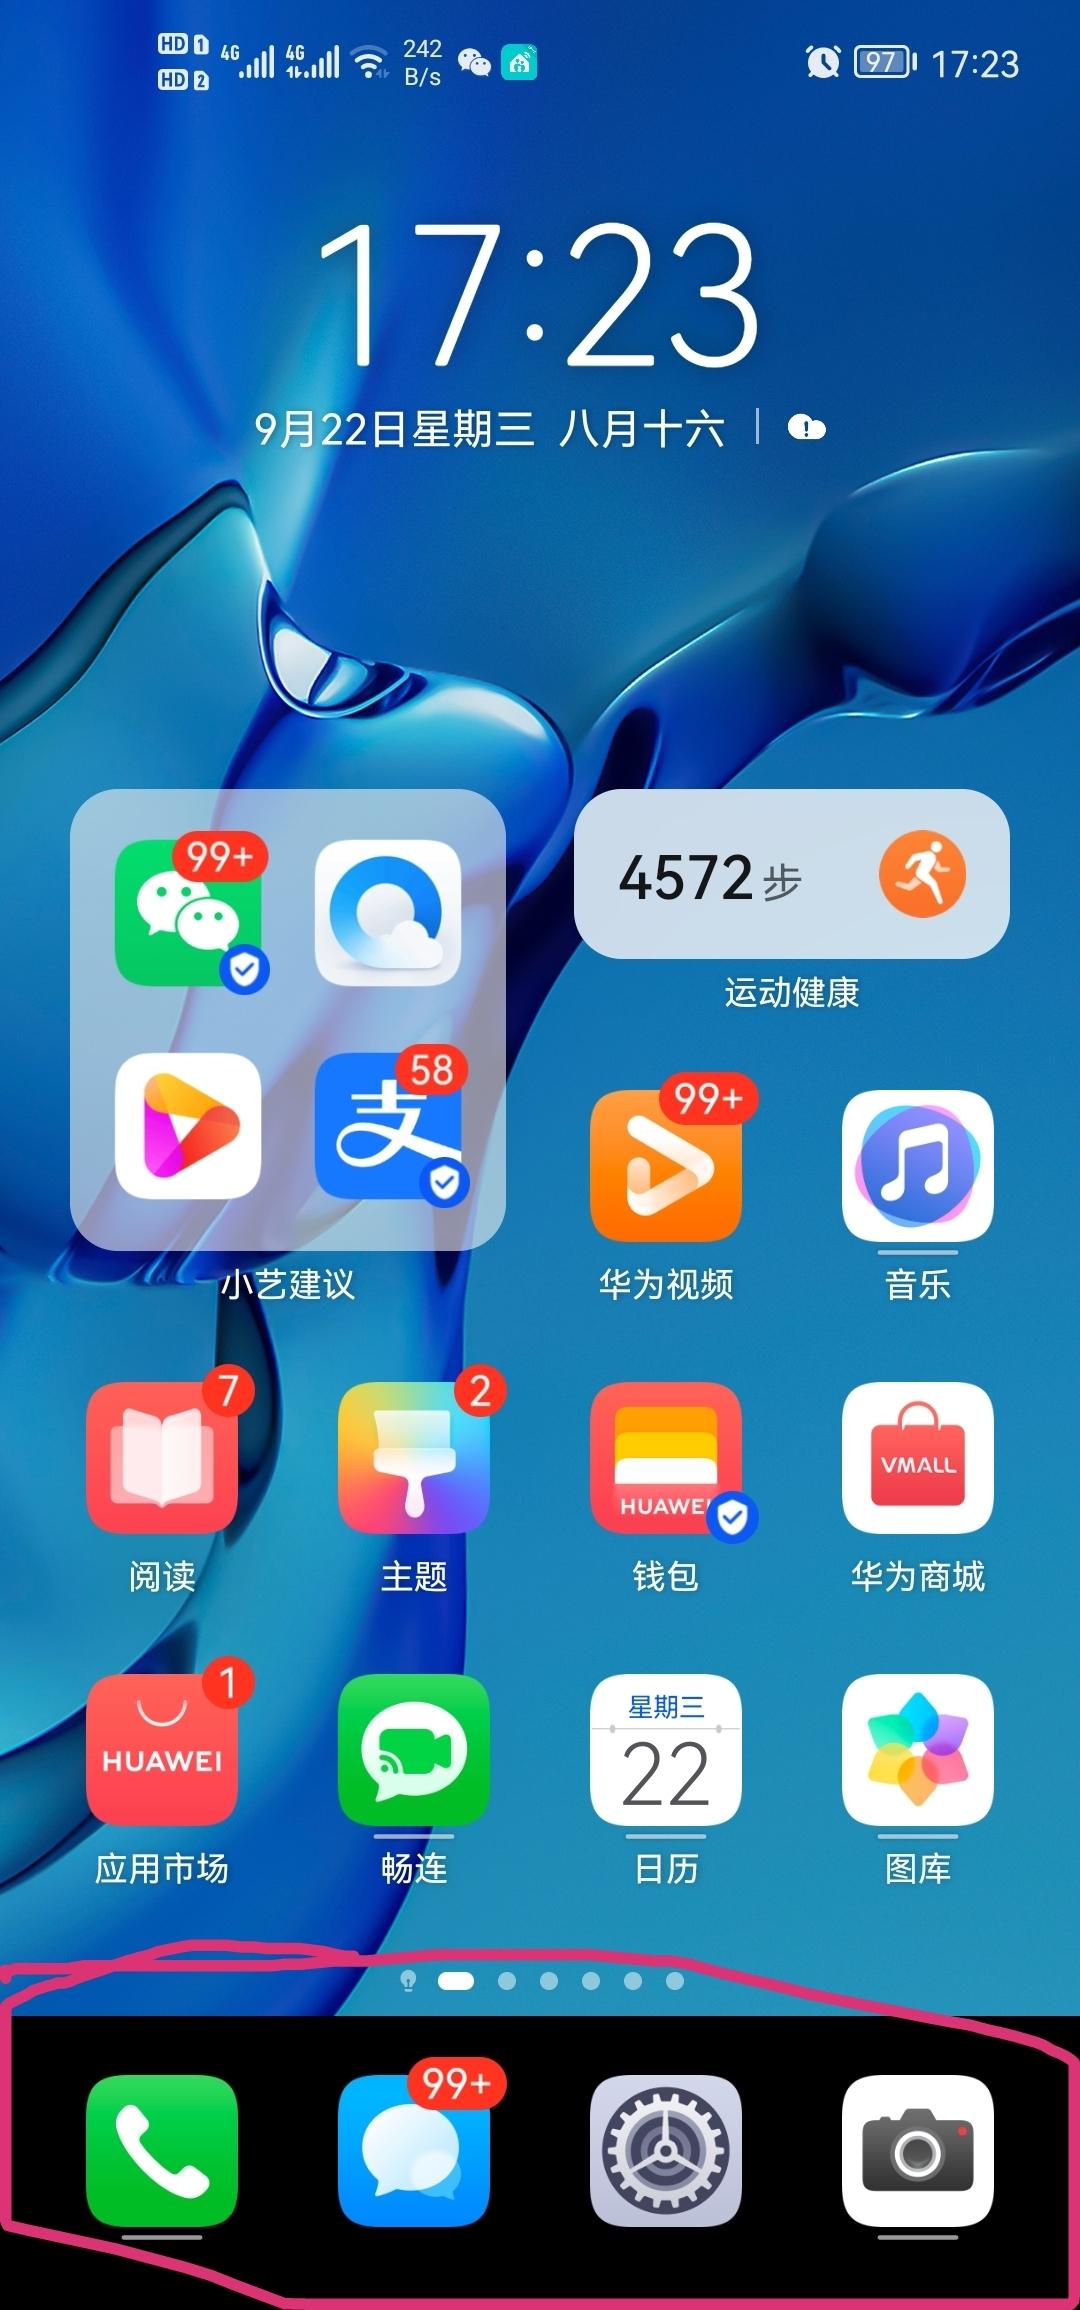 Screenshot_20210922_172342.jpg